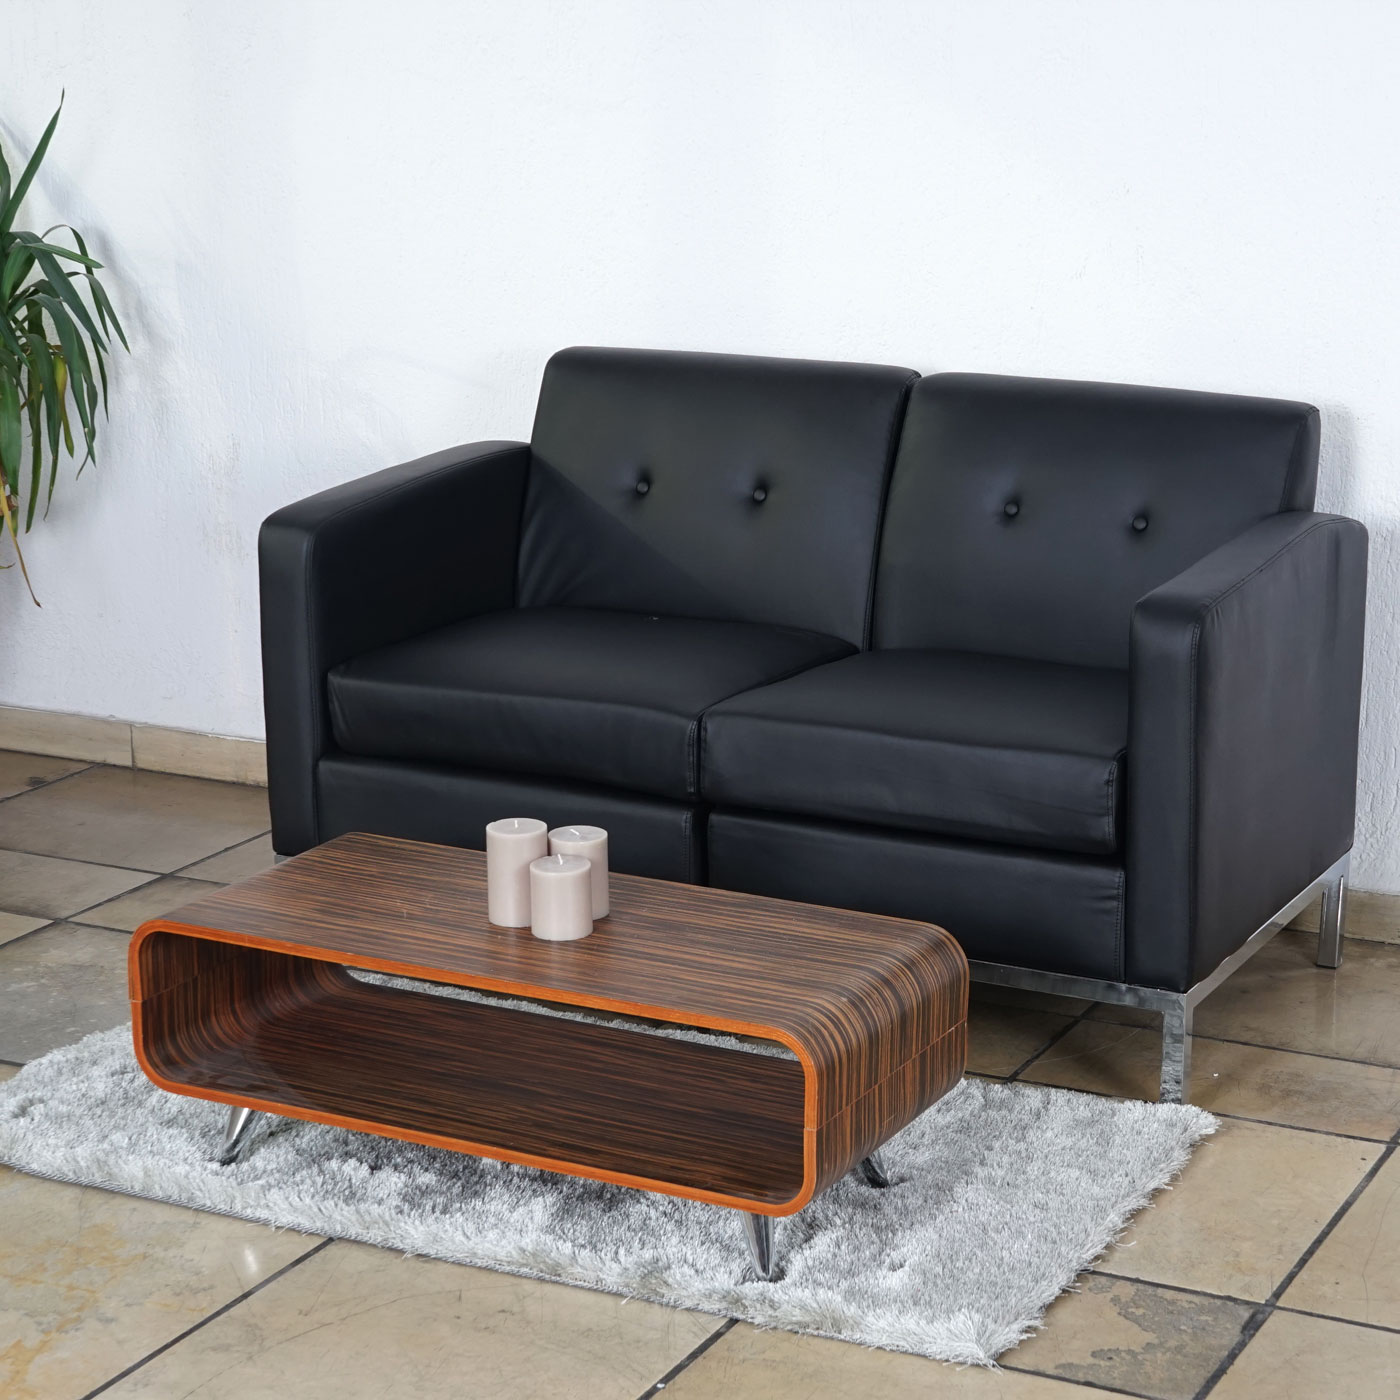 Großartig 2 Er Sofa Ideen Von 2er Hwc-c19, Modular-sofa Couch Mit Armlehnen, Erweiterbar